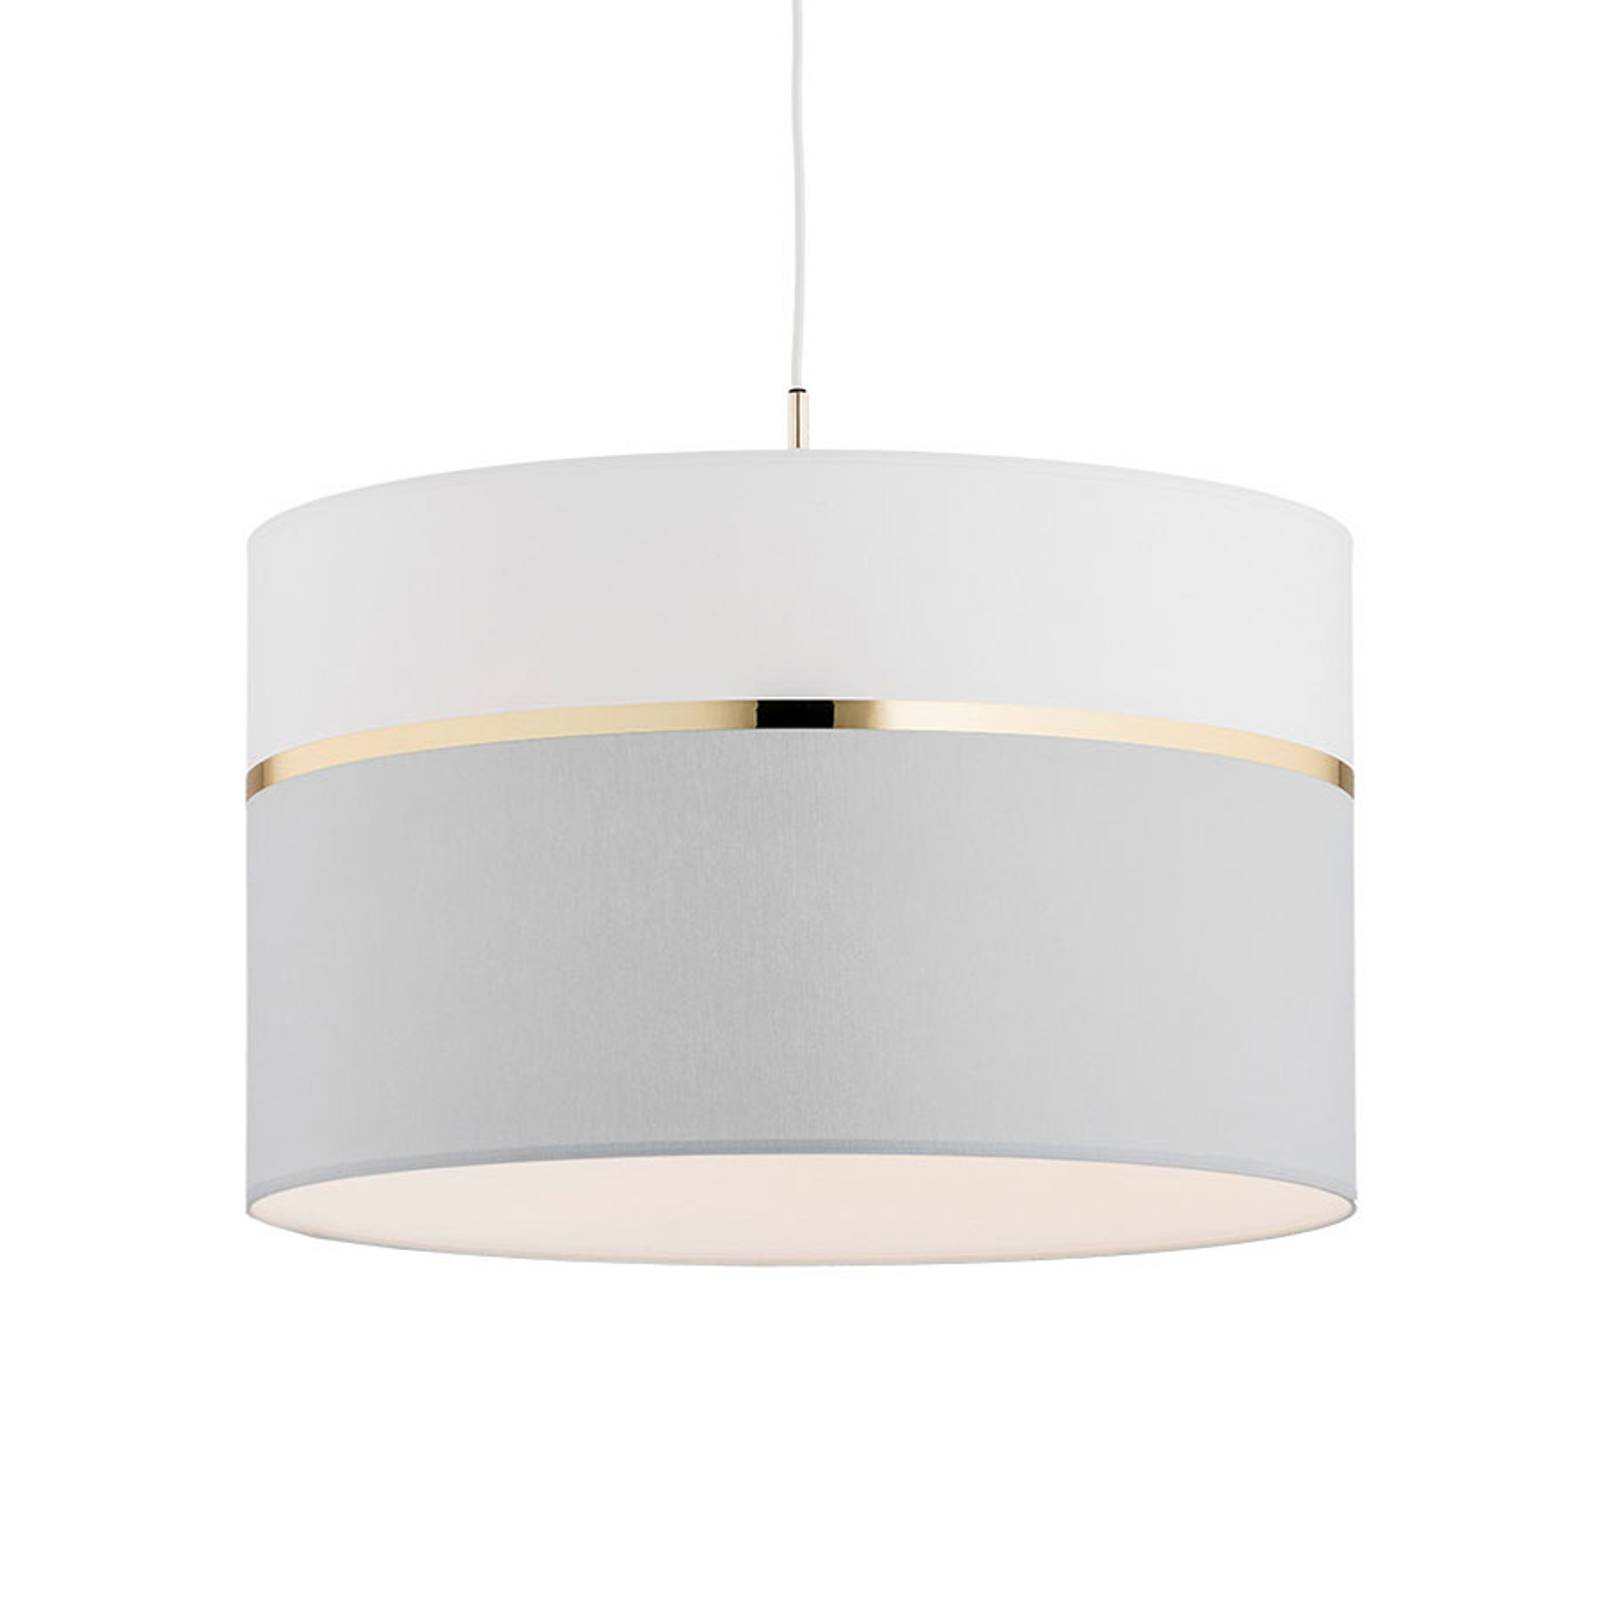 Suspension en tissu Long 1 lampe blanc/gris/laiton